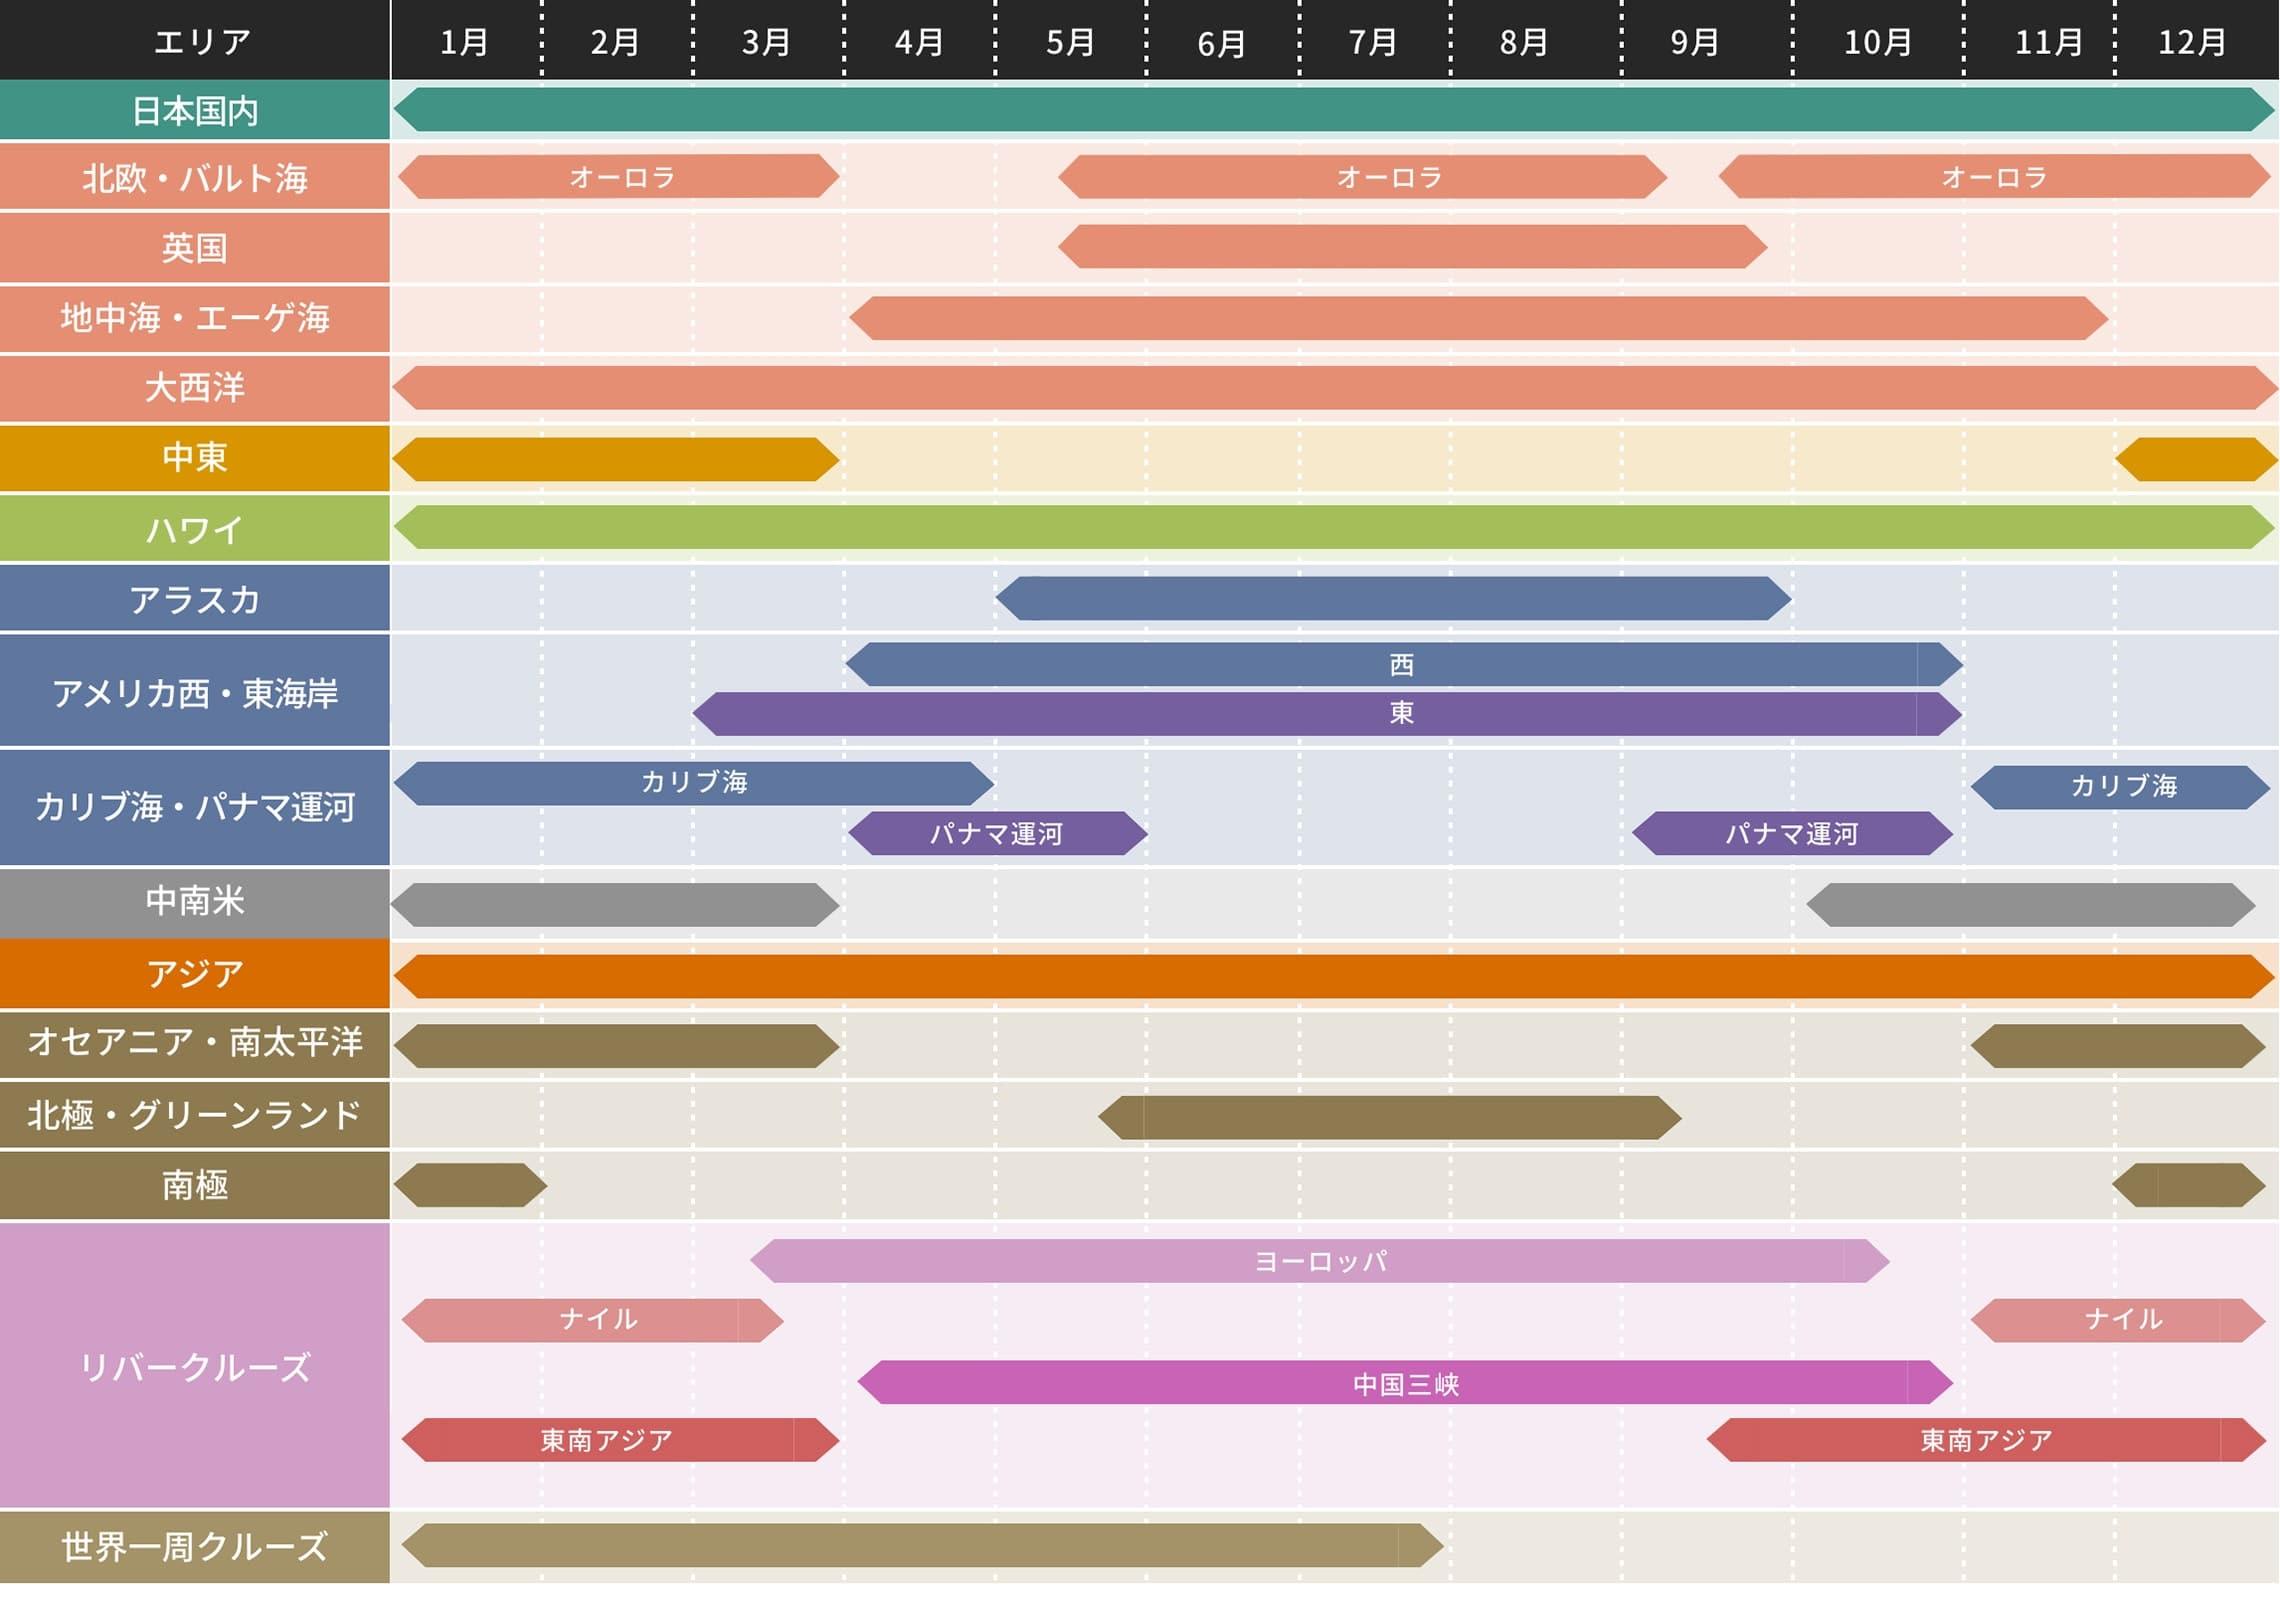 クルーズベストシーズンカレンダー